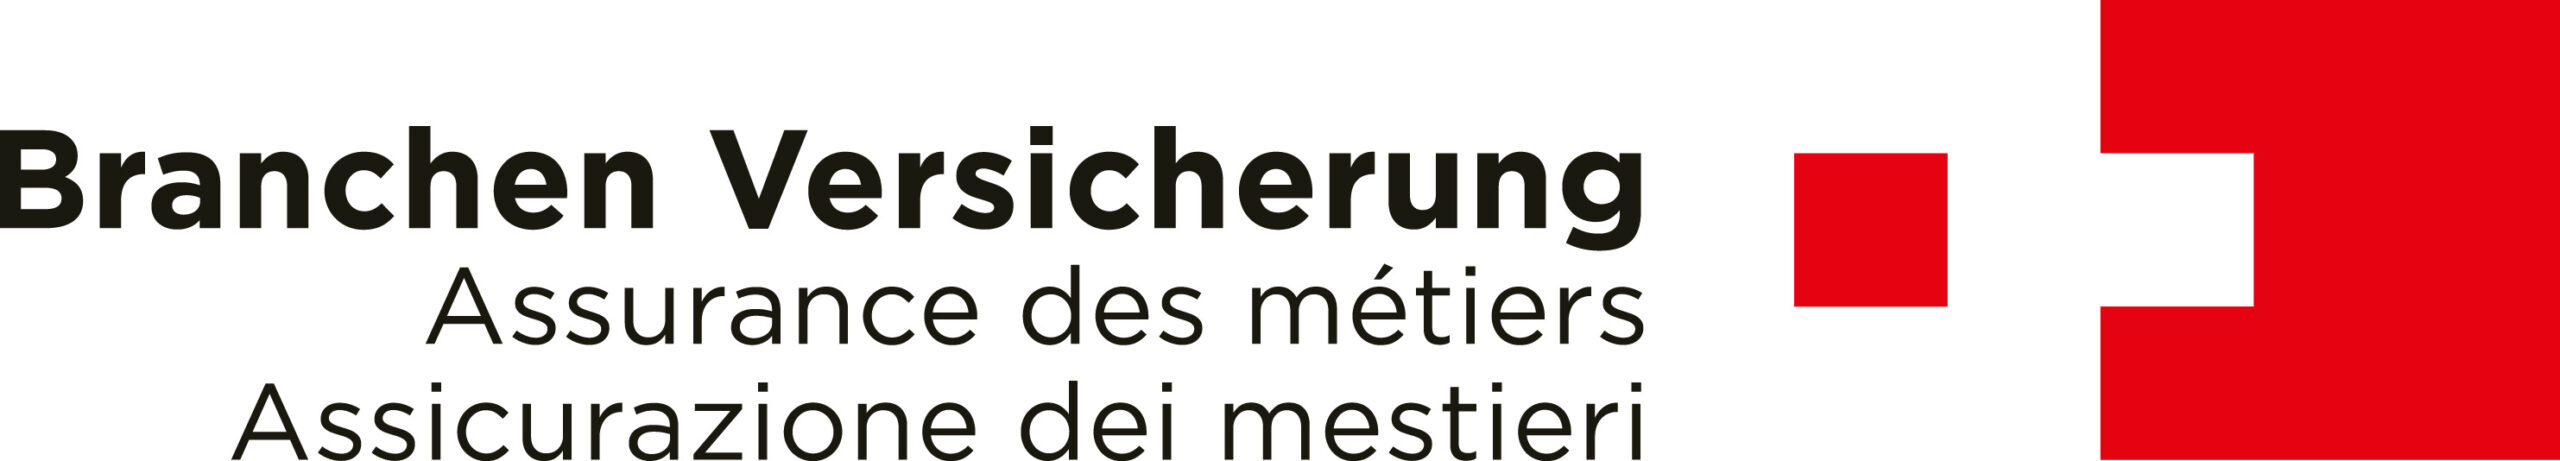 logo branchen versicherung